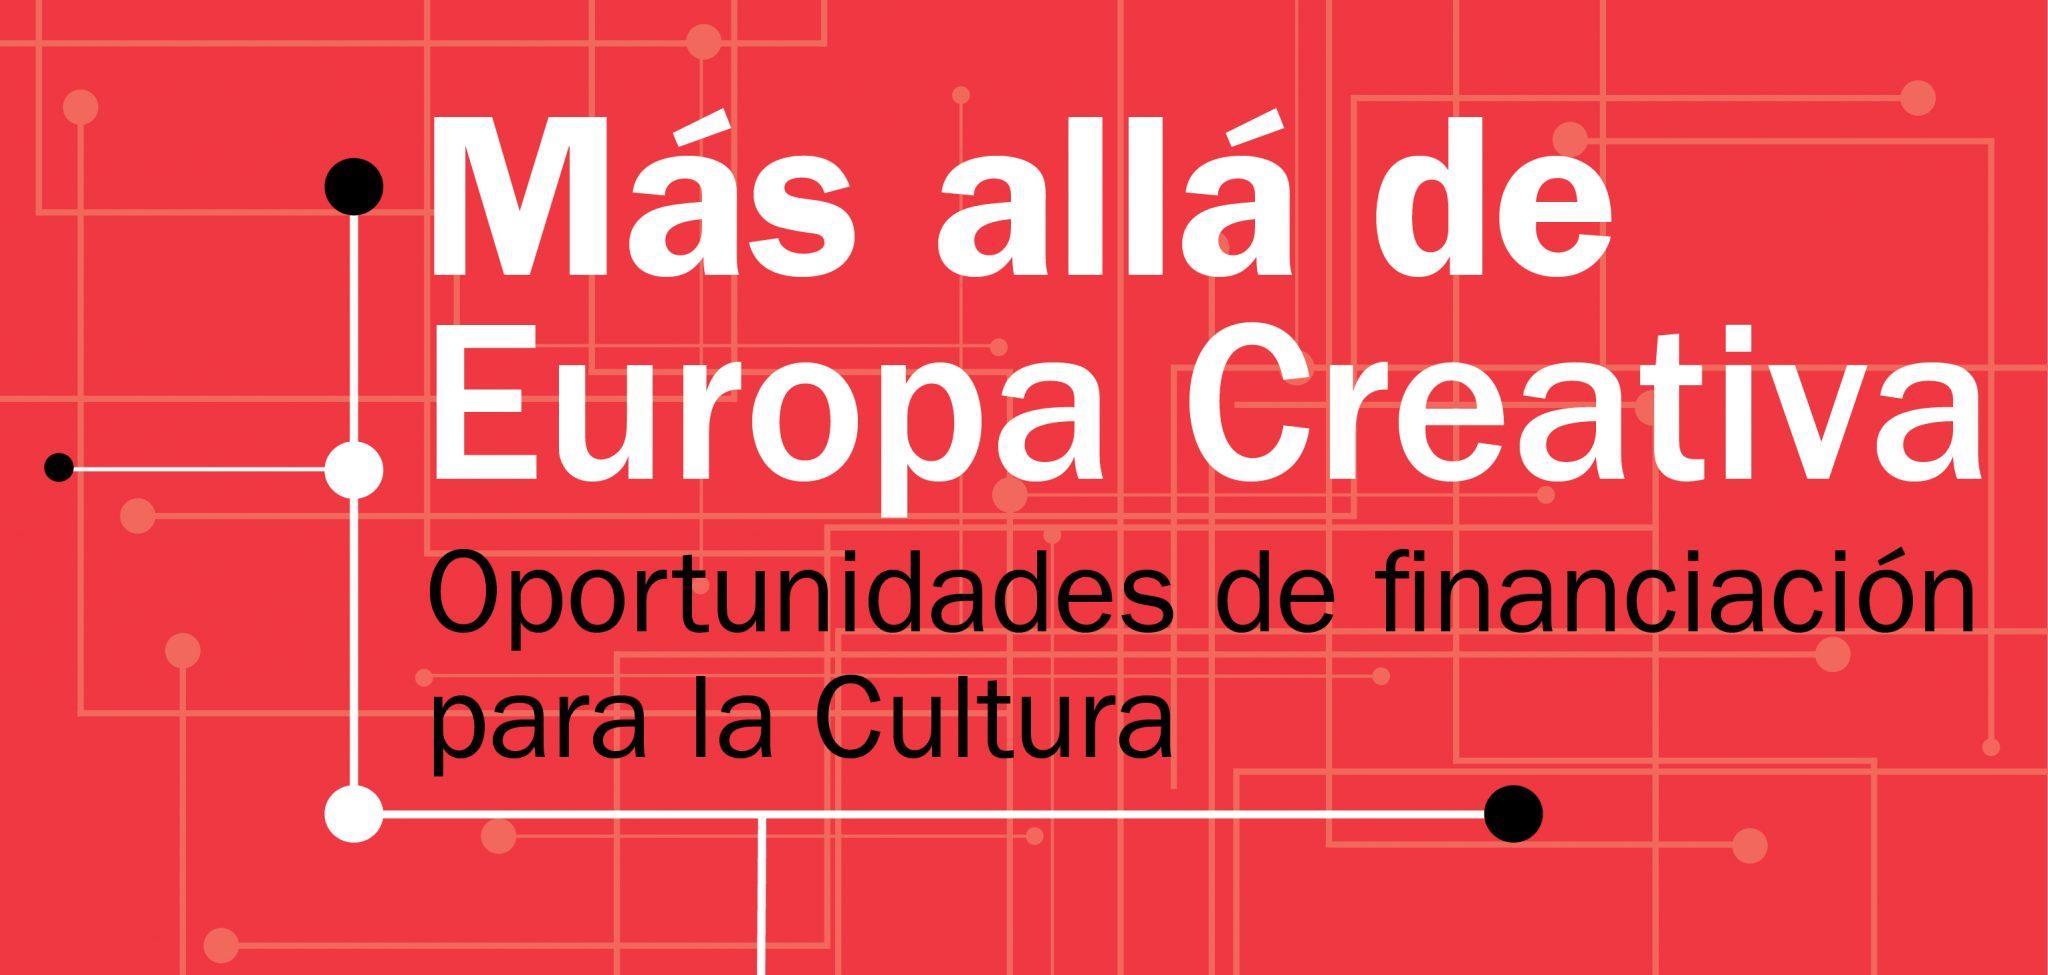 EUROPA-CREATIVA-carrusel-web_rojo-2048x975